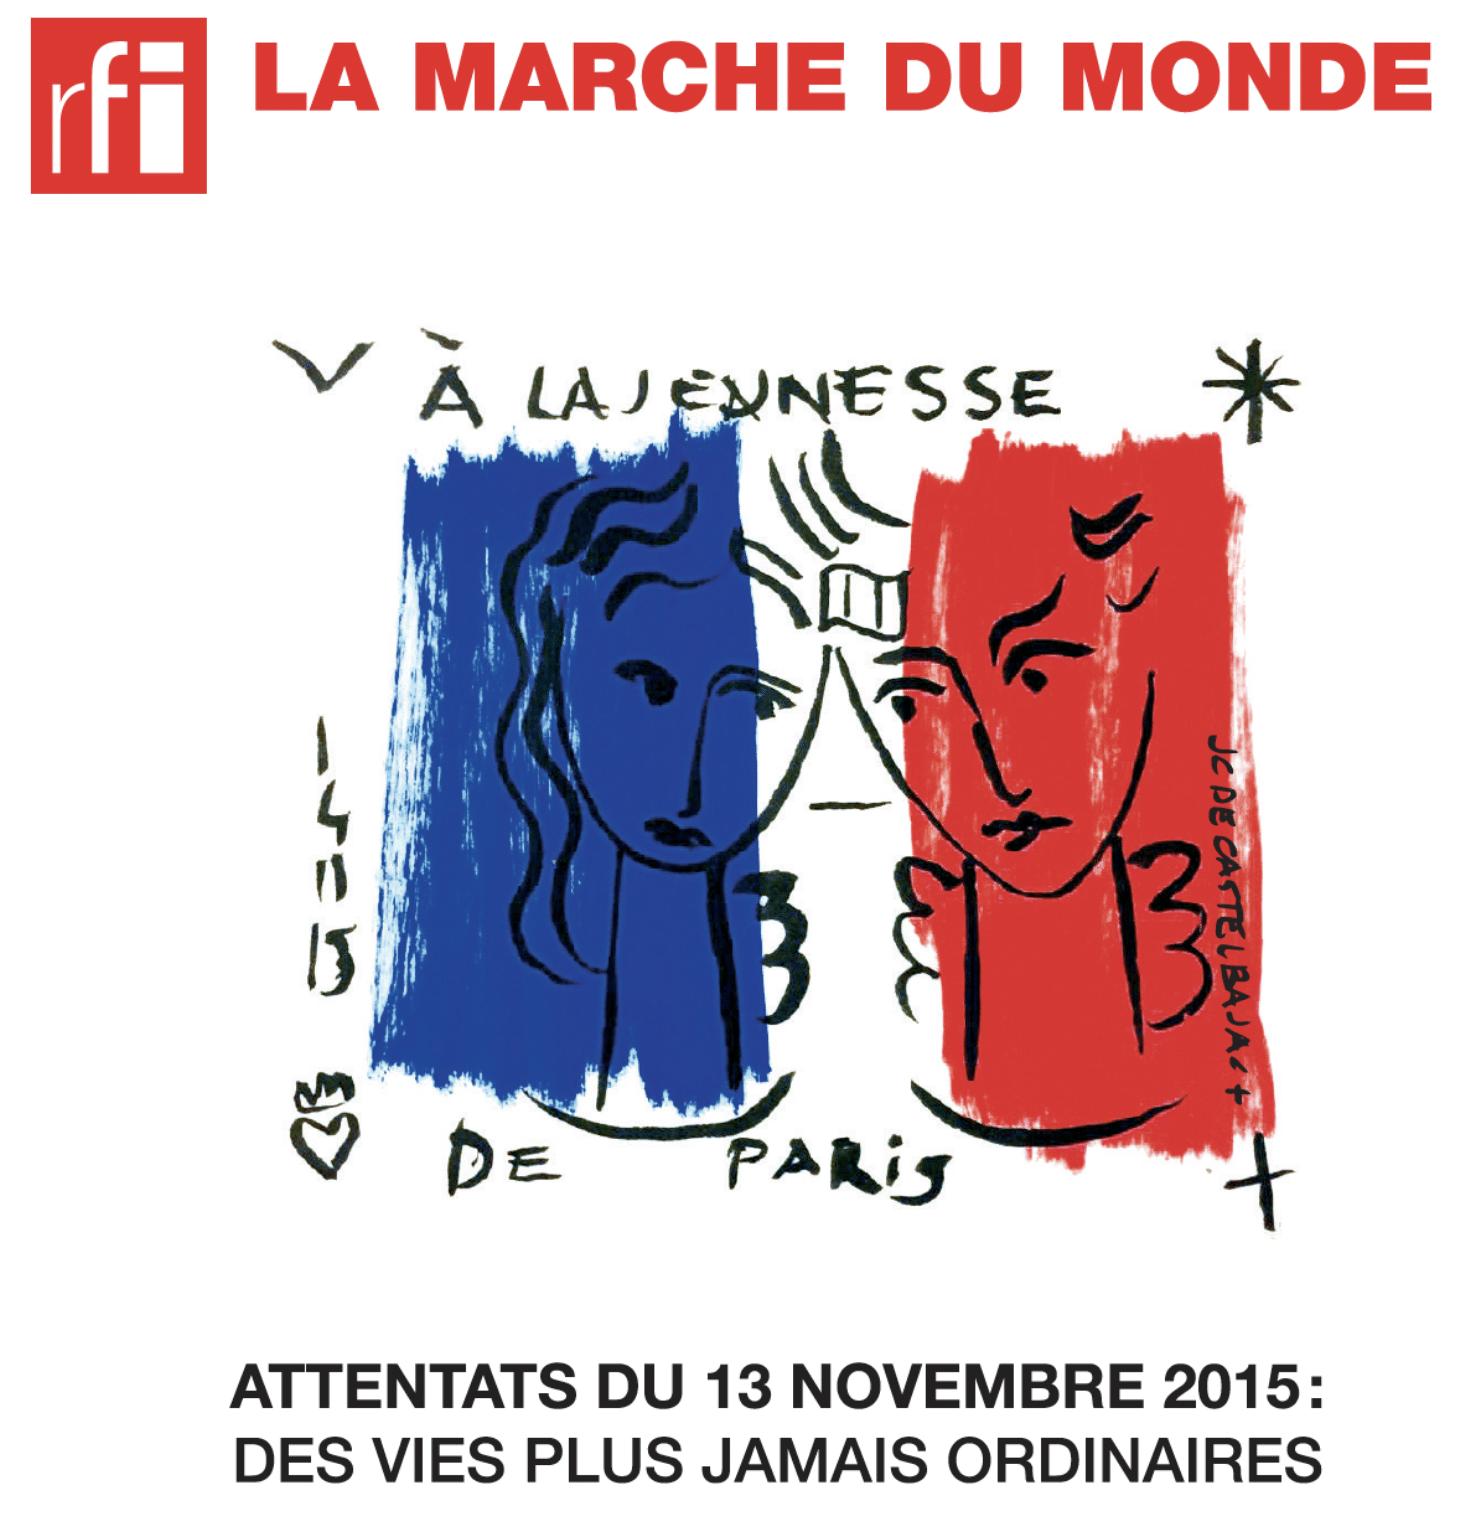 attentats du 13 novembre 2015 RFI